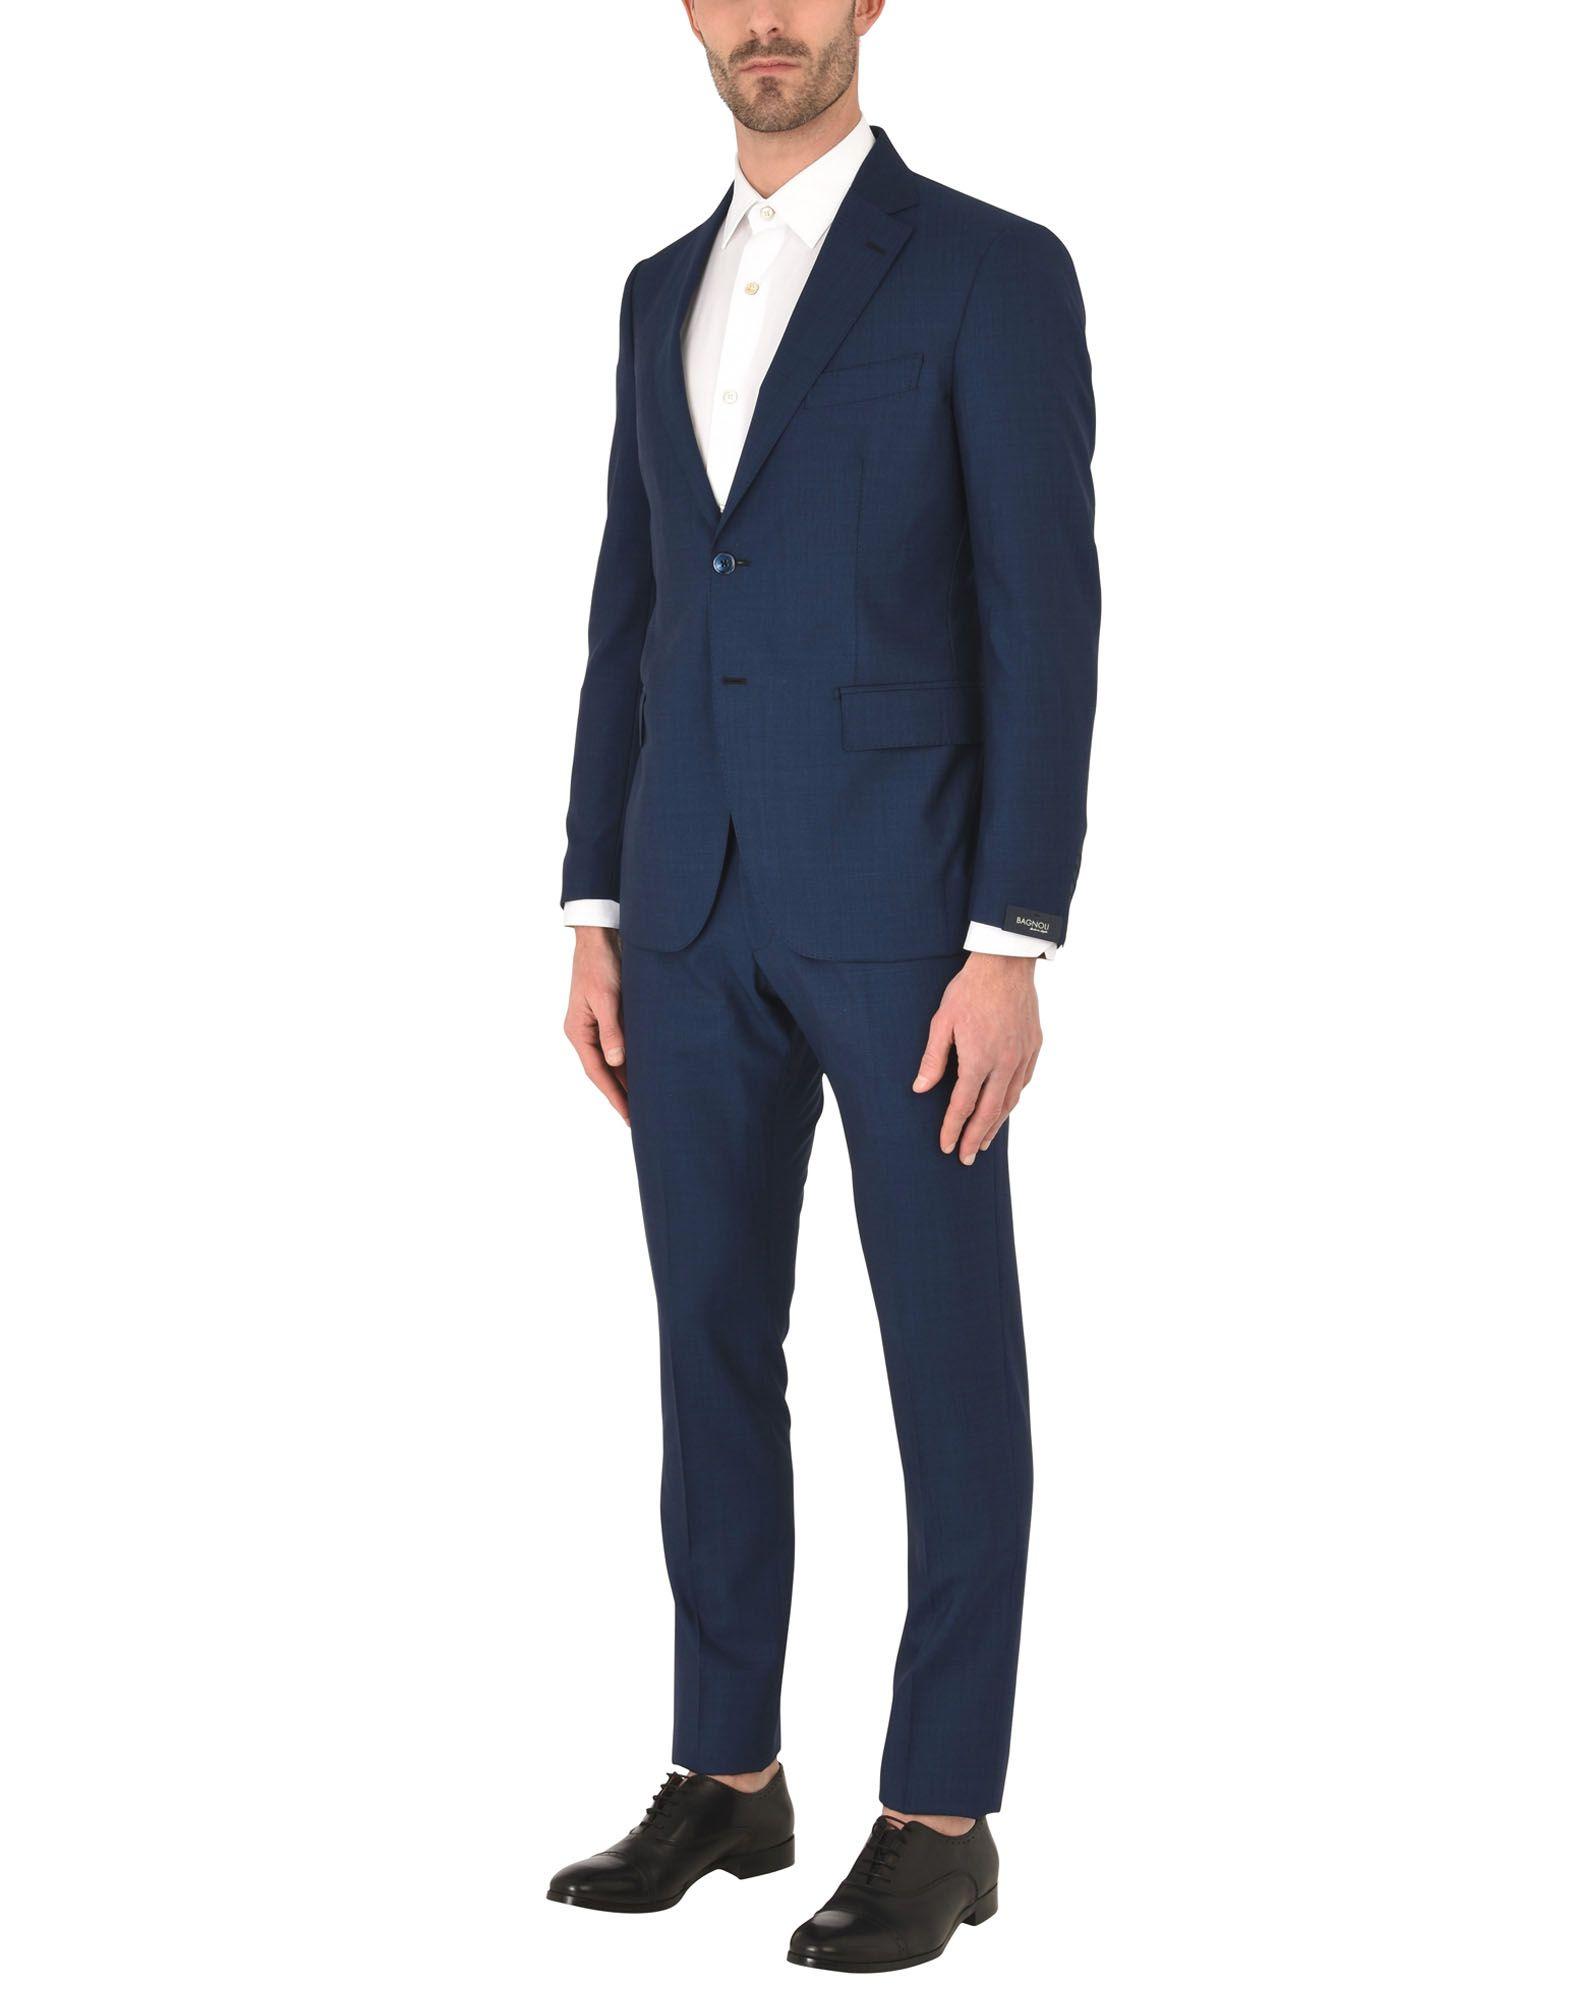 《送料無料》BAGNOLI Sartoria Napoli メンズ スーツ ダークブルー 54 ウール 100%